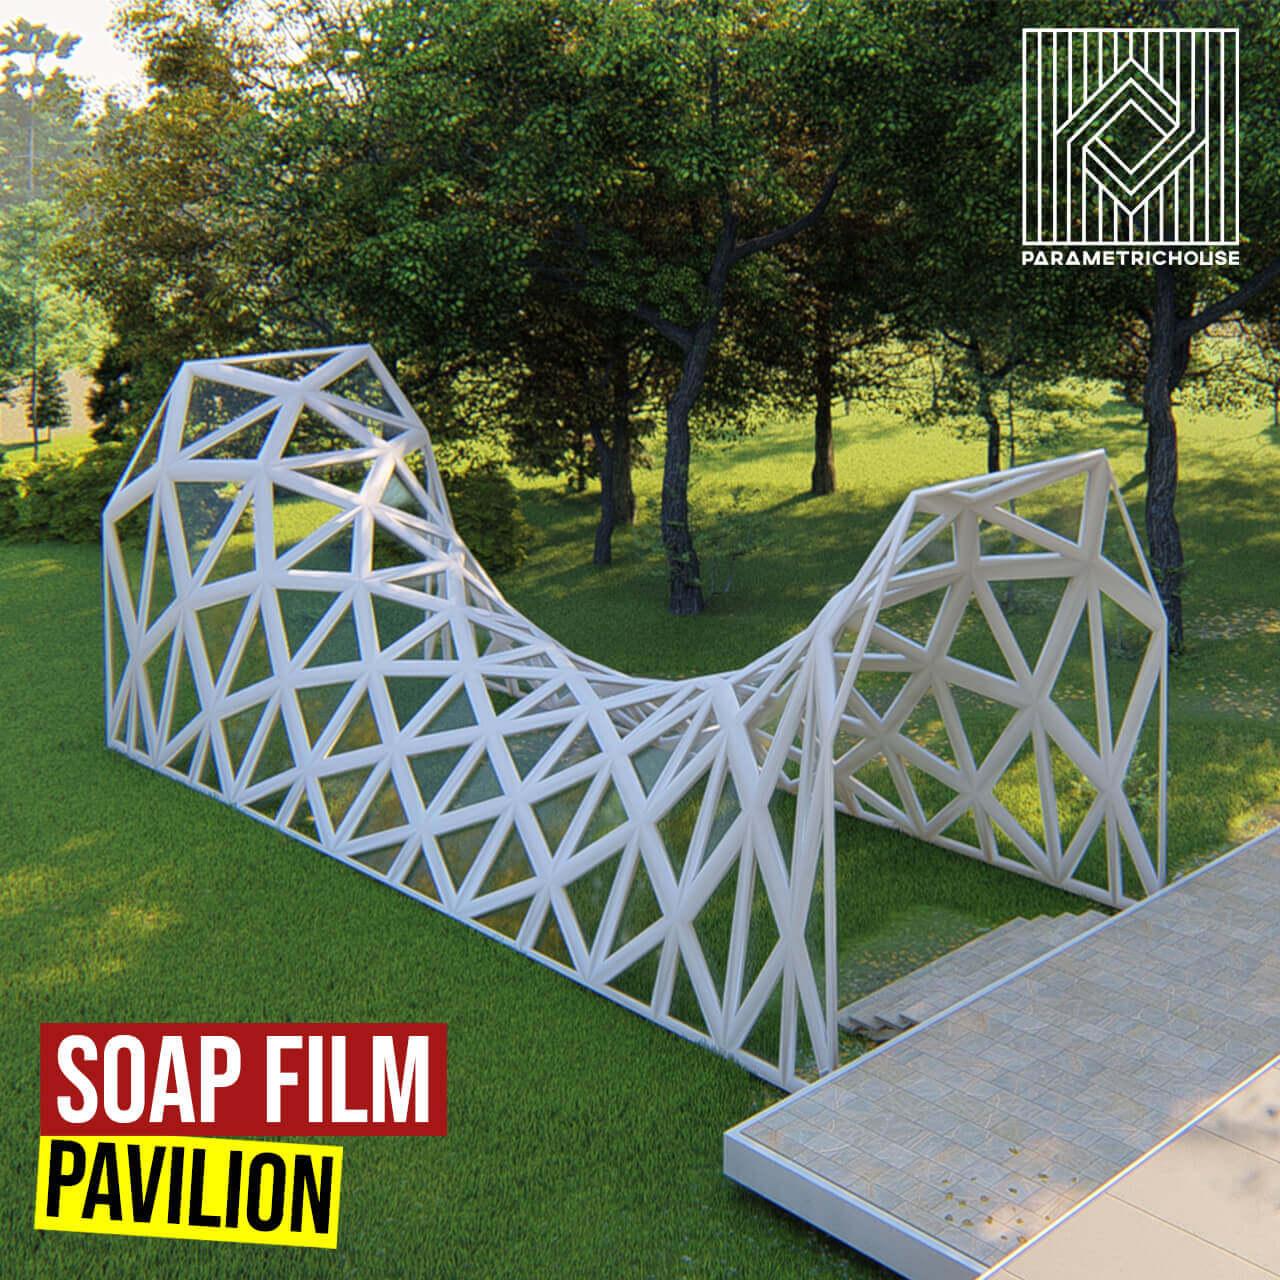 Soap Film Pavilion Grasshopper3d Tutorial